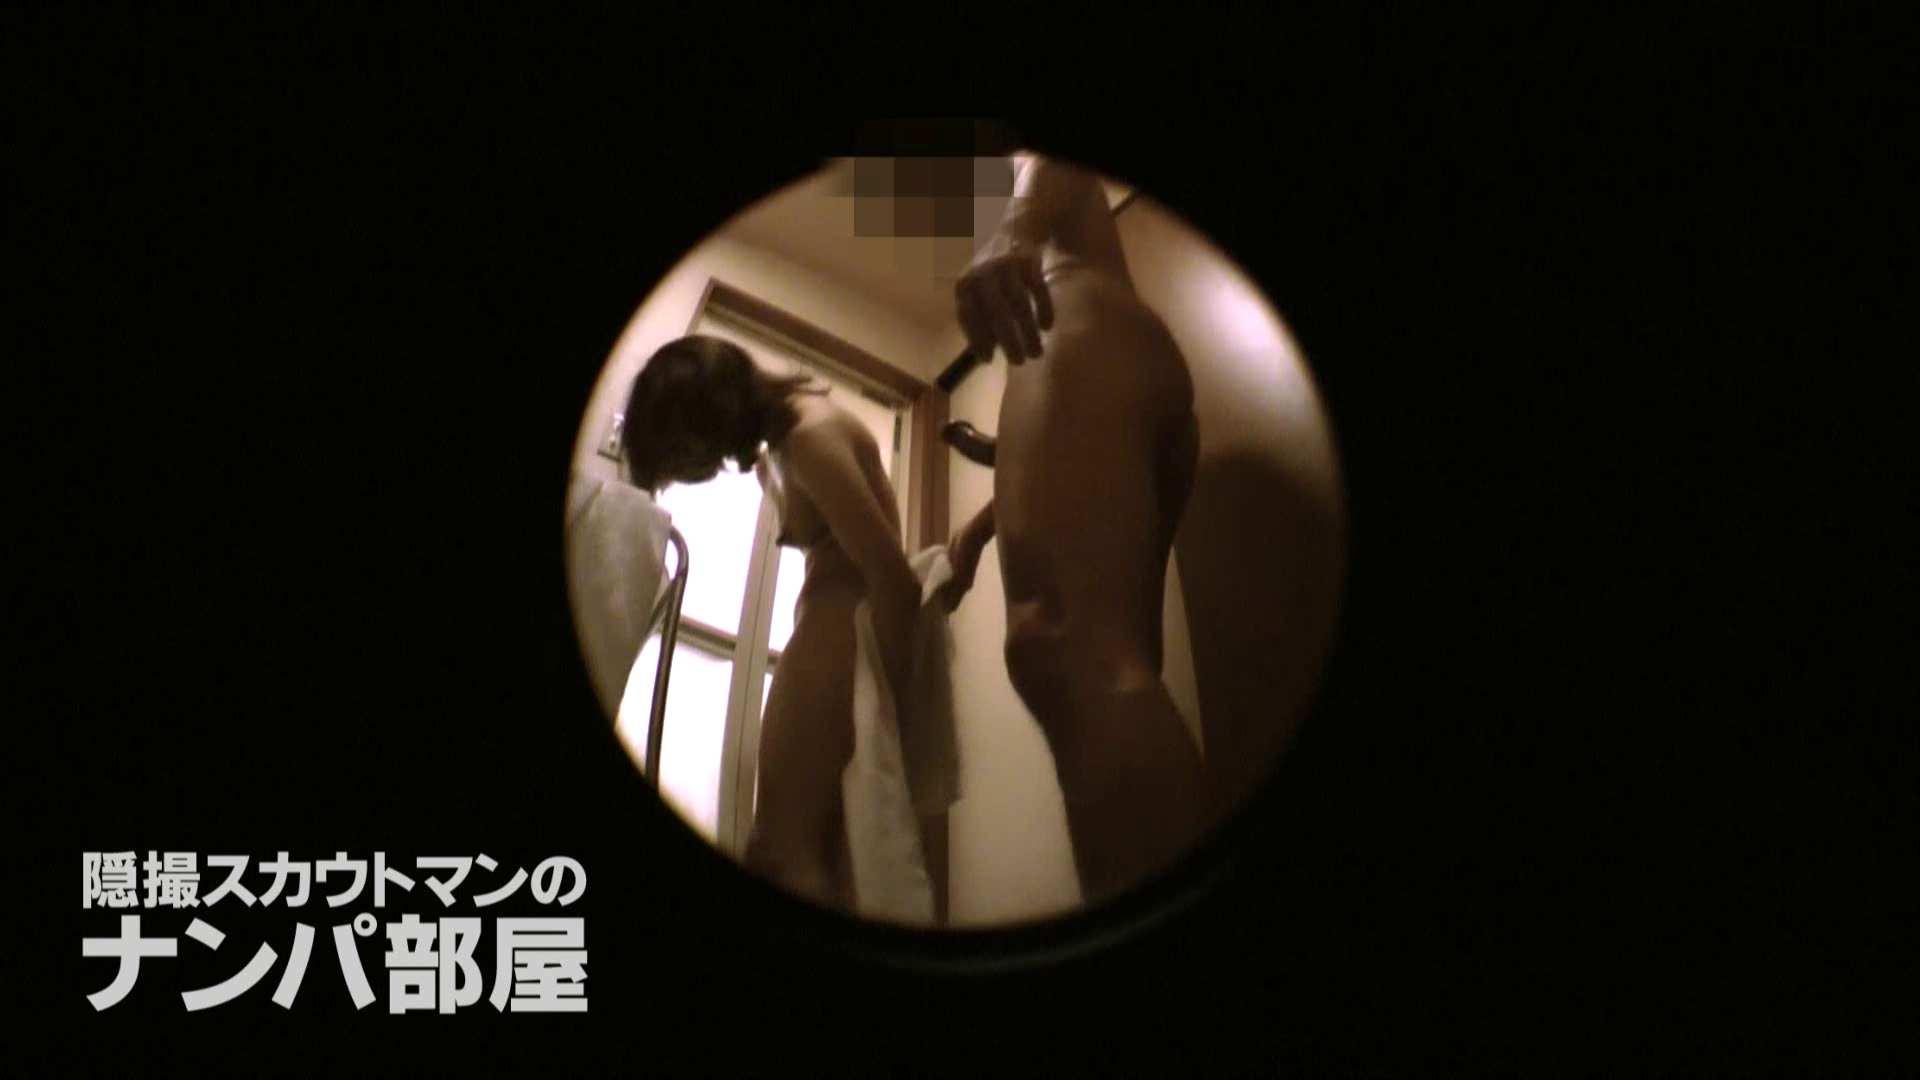 隠撮スカウトマンのナンパ部屋~風俗デビュー前のつまみ食い~ siivol.4 隠撮  74pic 30